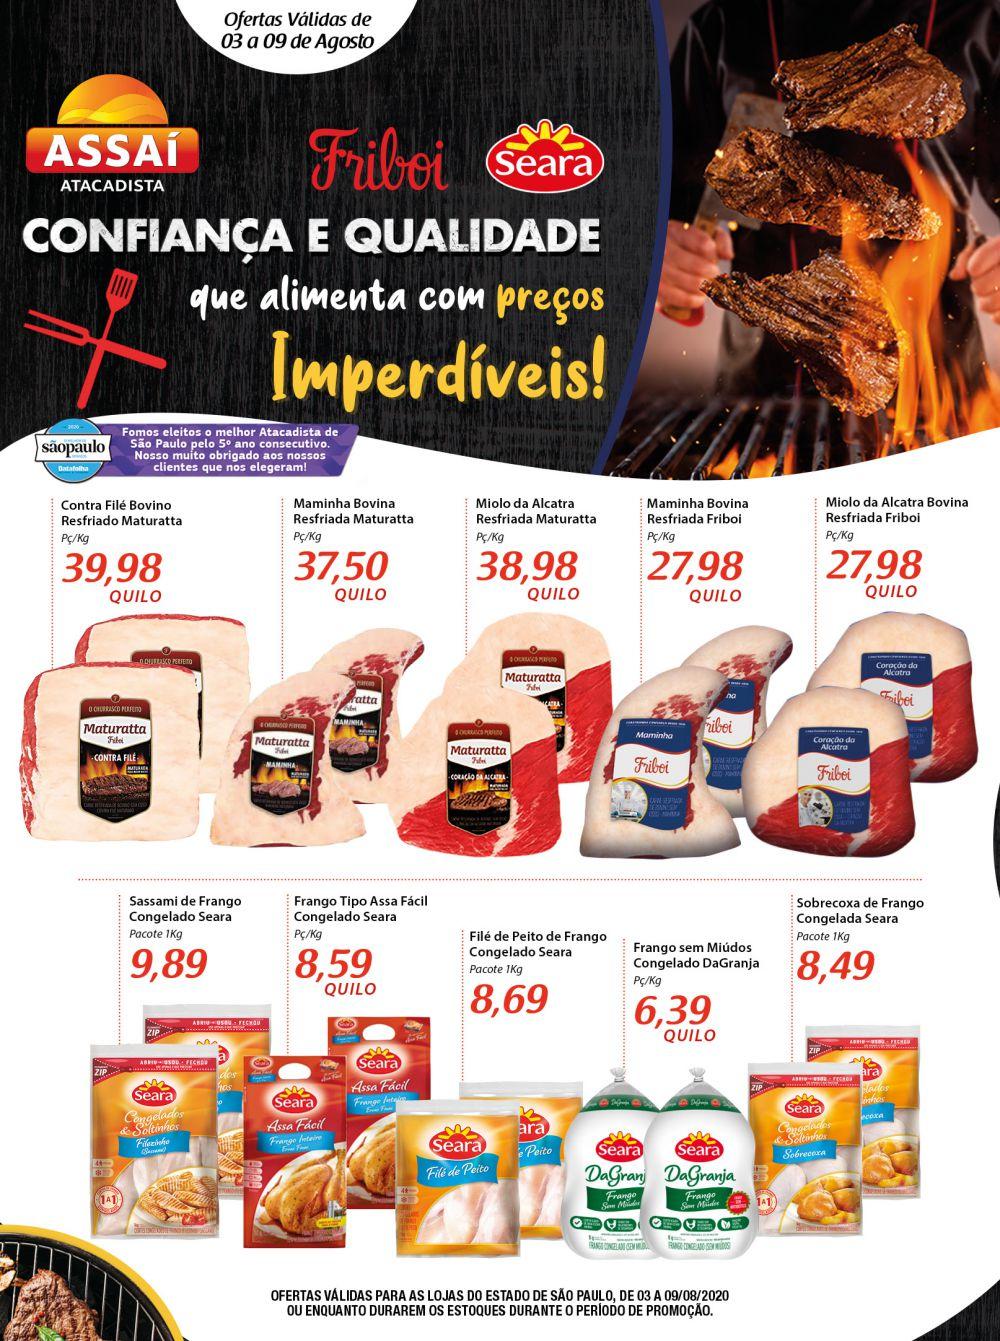 Encarte Assaí Ofertas de Carnes 03/08/2020 01